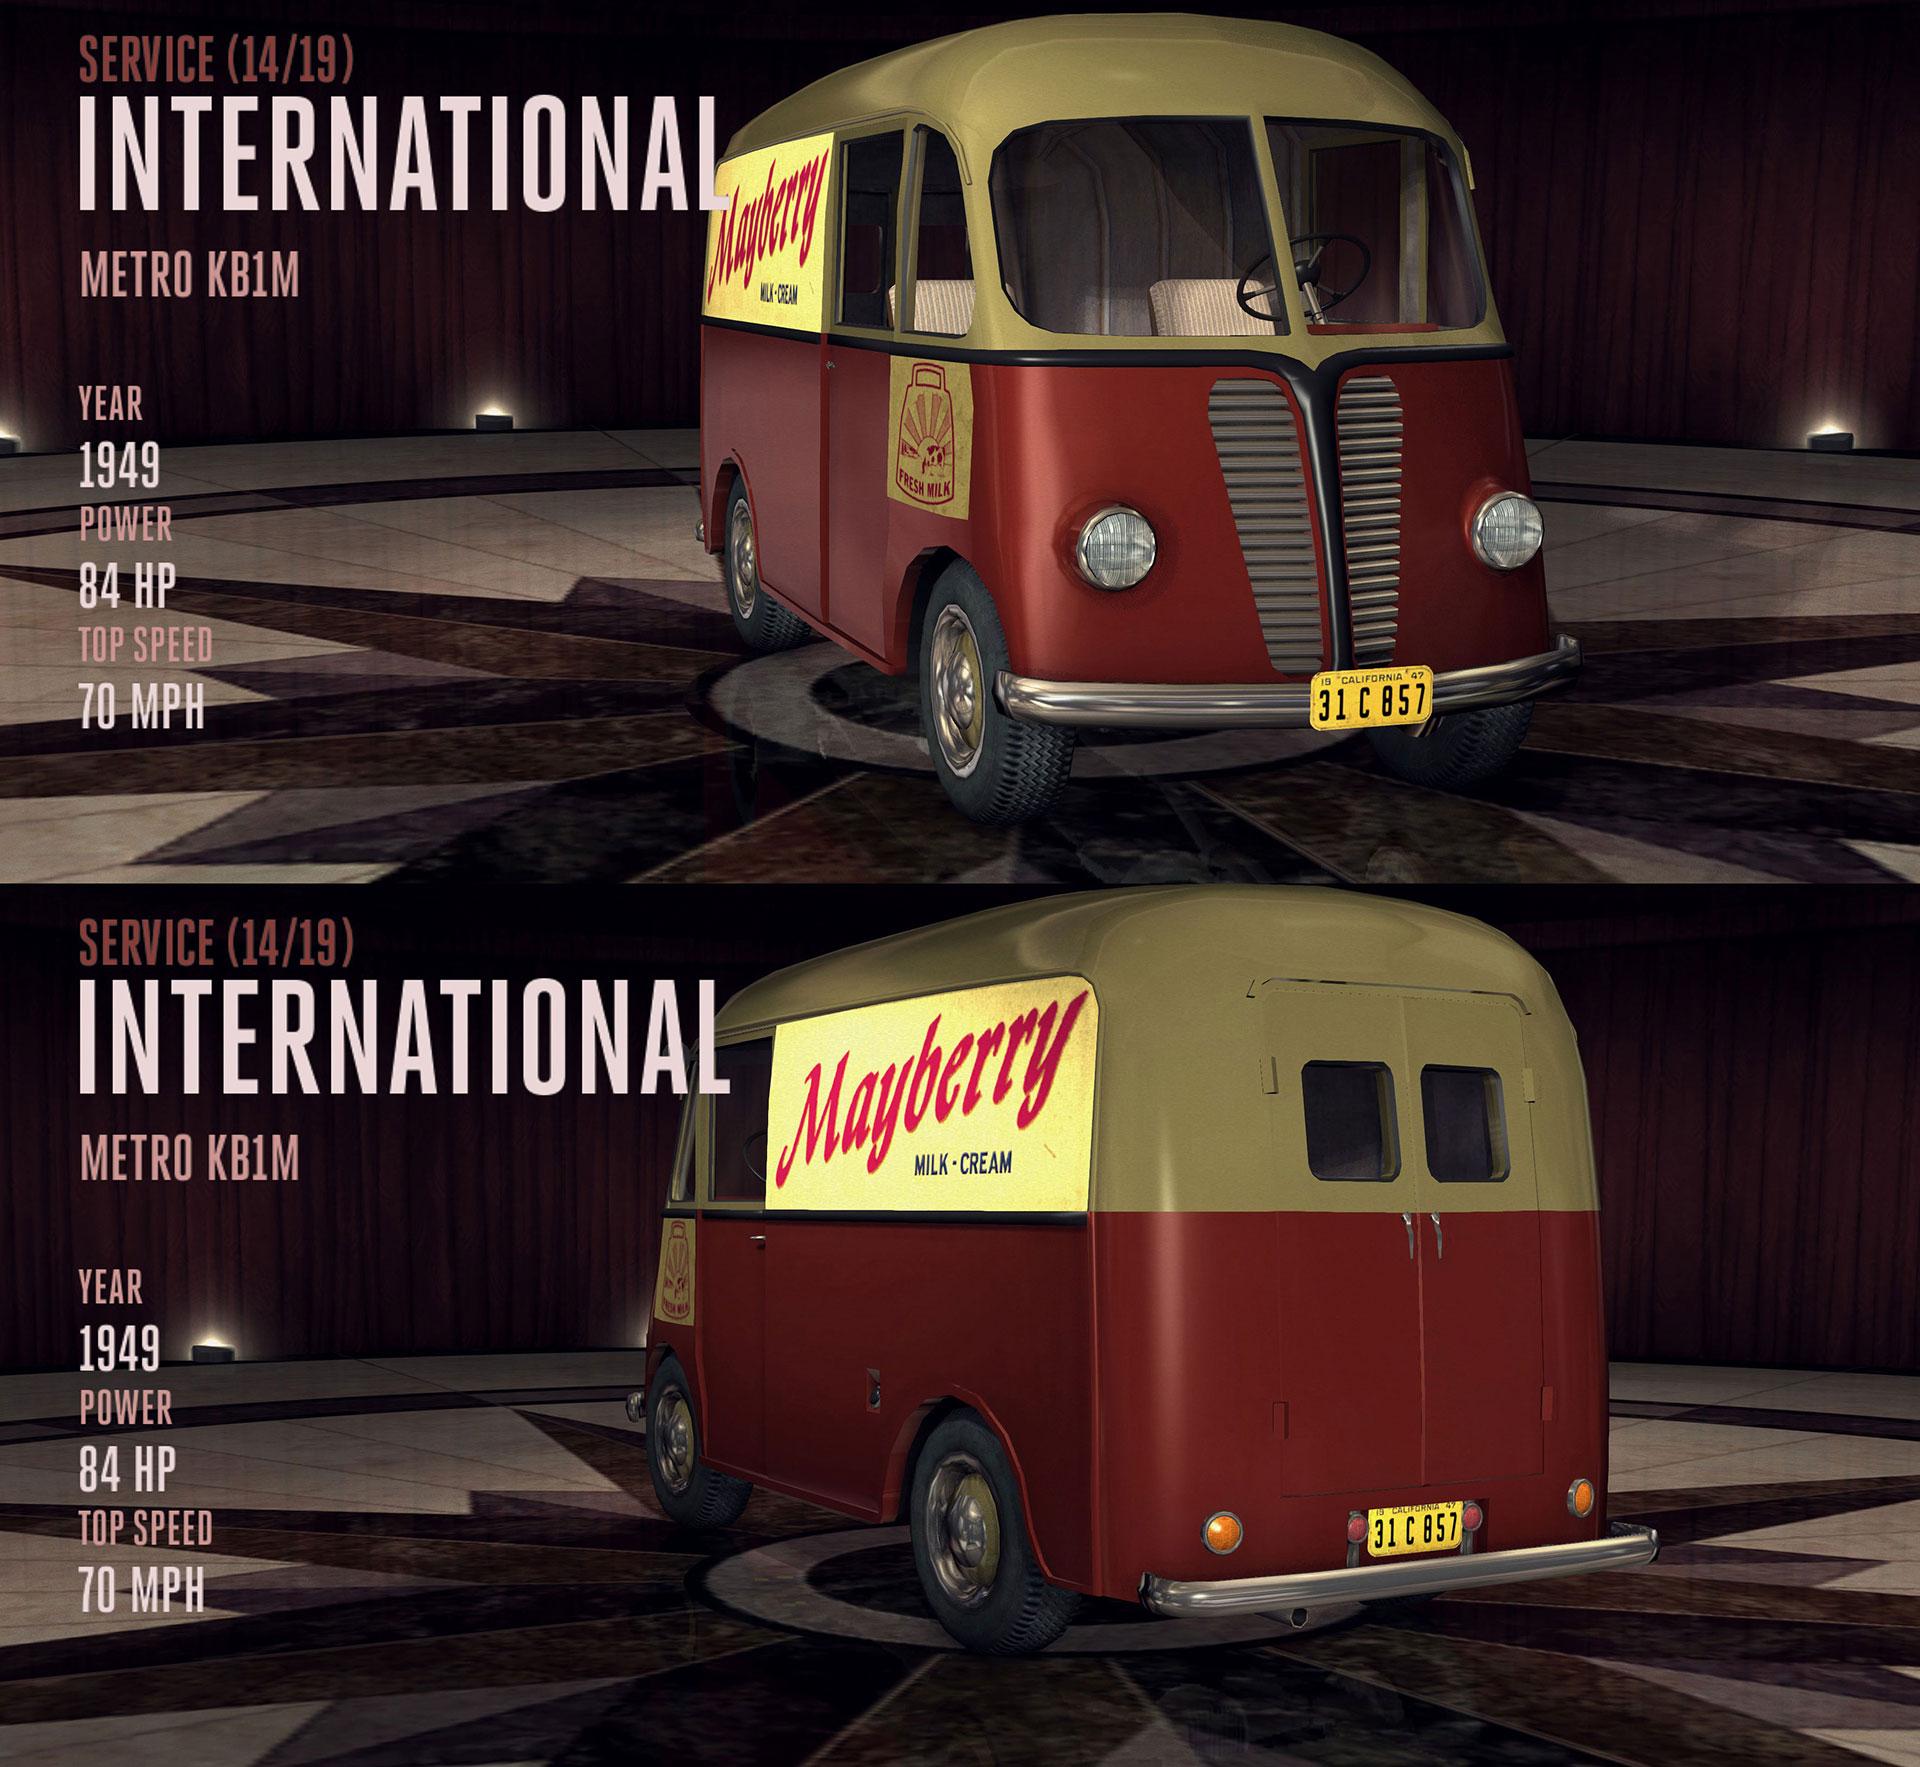 International Metro KB1M